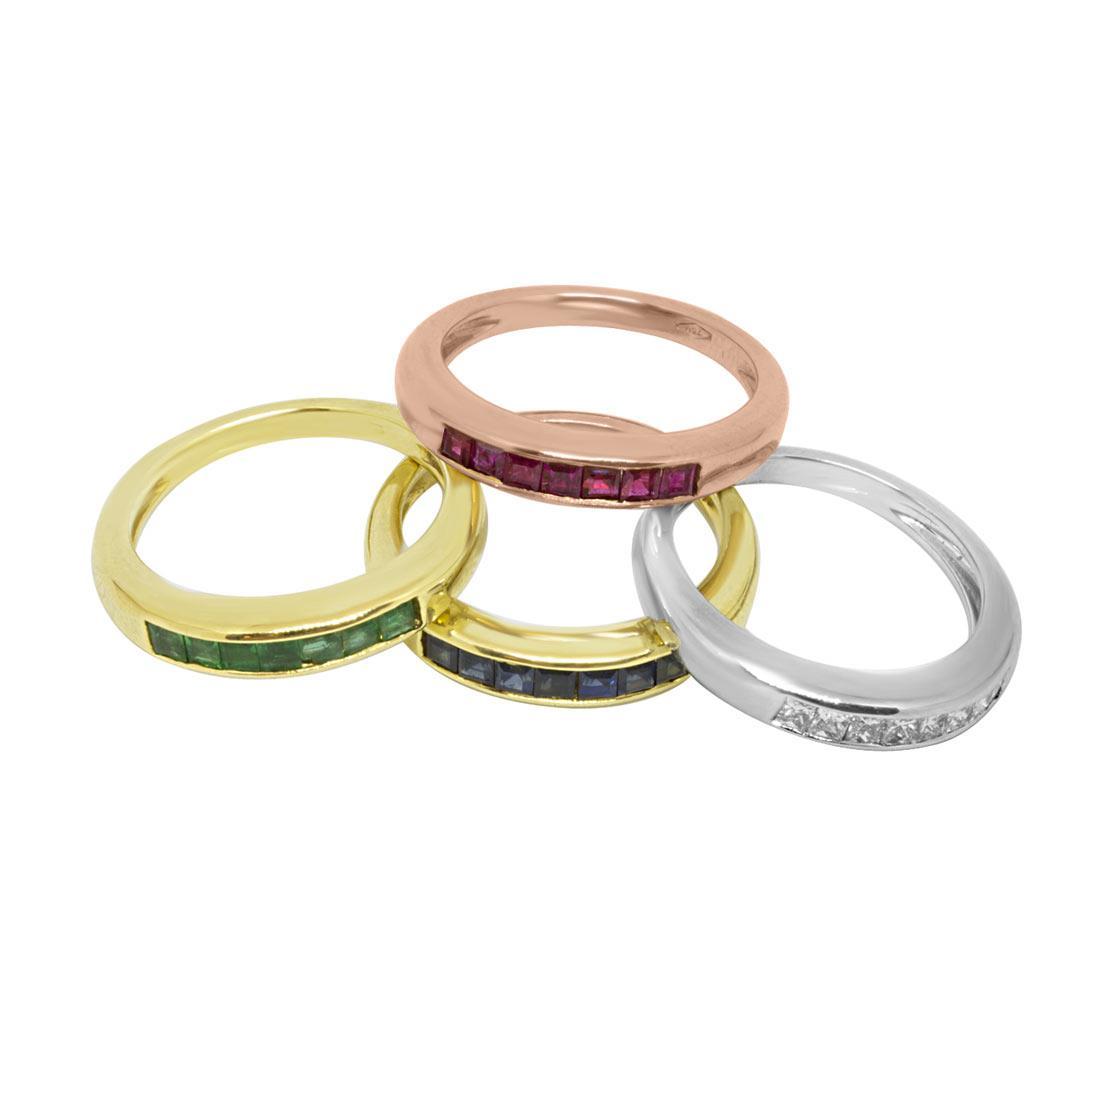 Anelli con diamanti 0.37 ct e pietre colorate misura 15 - ORO&CO